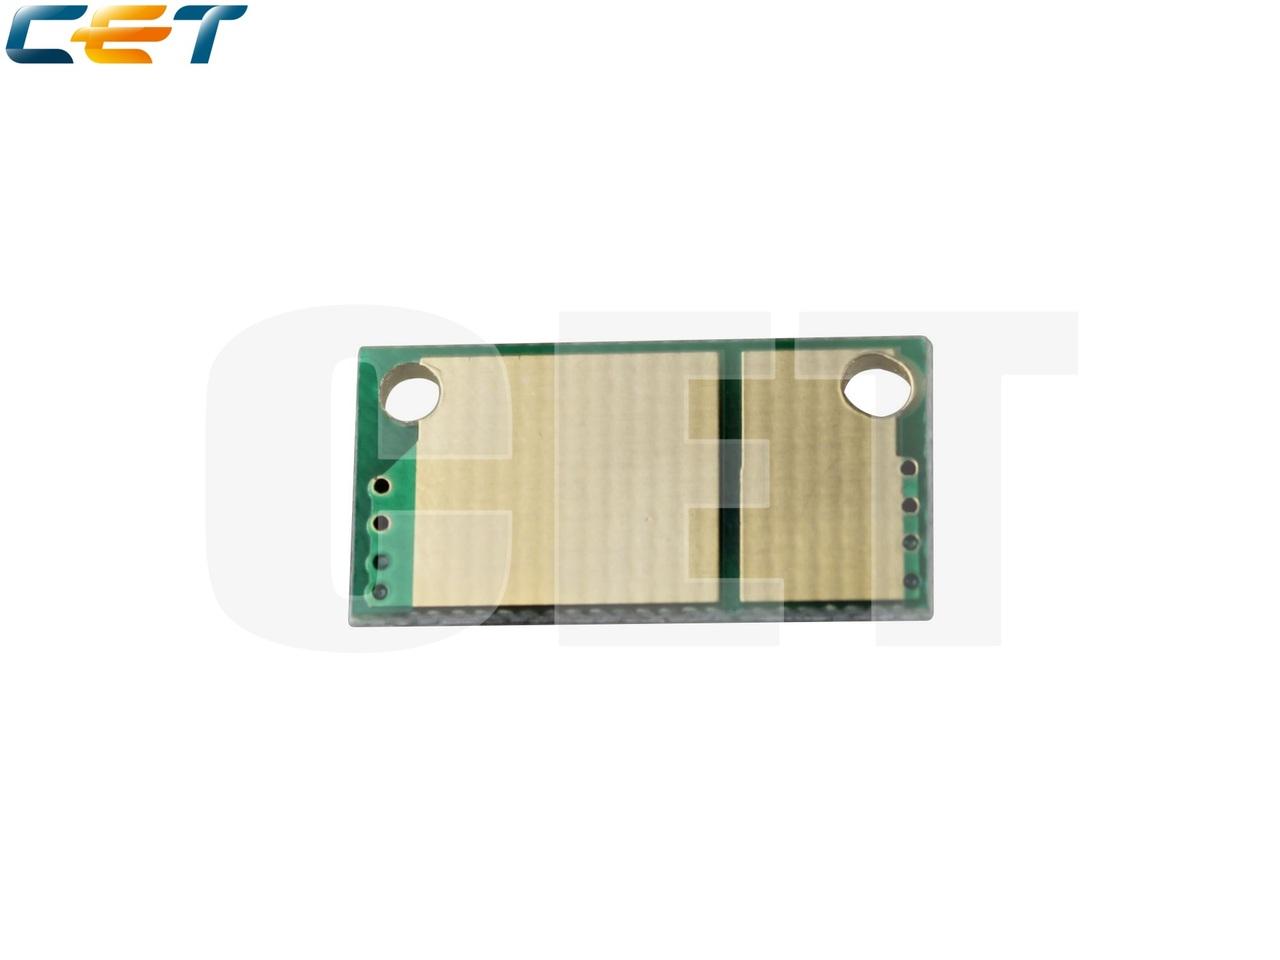 Чип картриджа для KONICA MINOLTA Bizhub 502/552/602/652(CET) CMYK, (WW), 60000 стр., CET8233